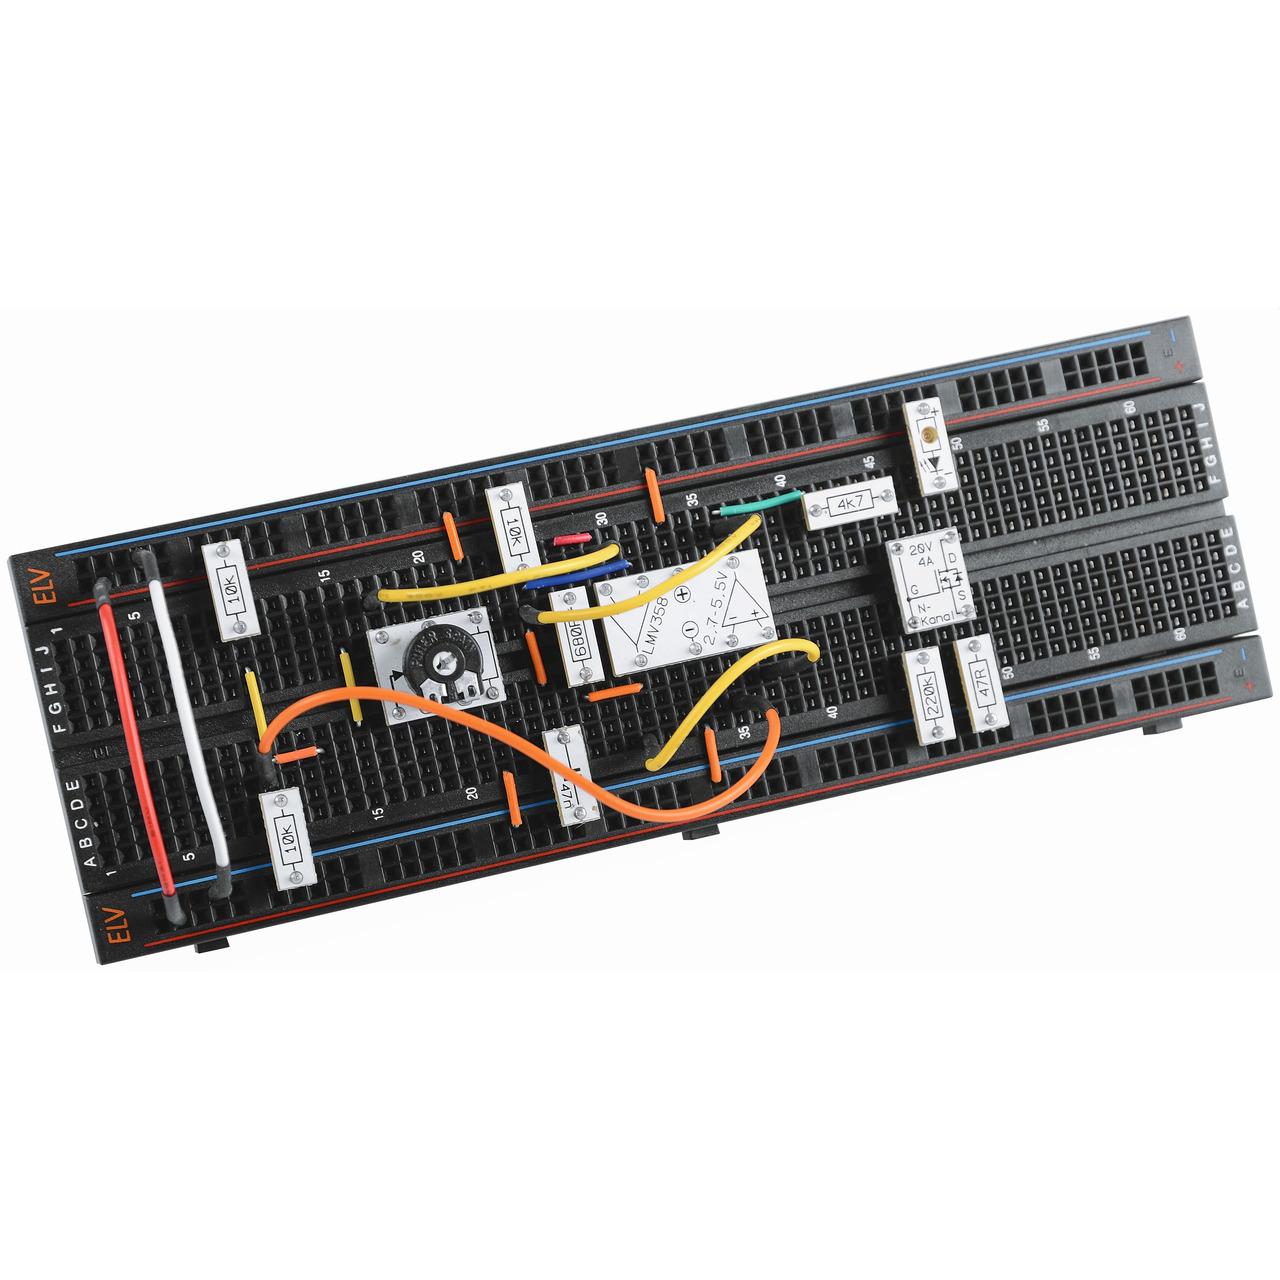 ELV Steckplatine-Breadboard mit 830 Kontakten- schwarze ELV-Version